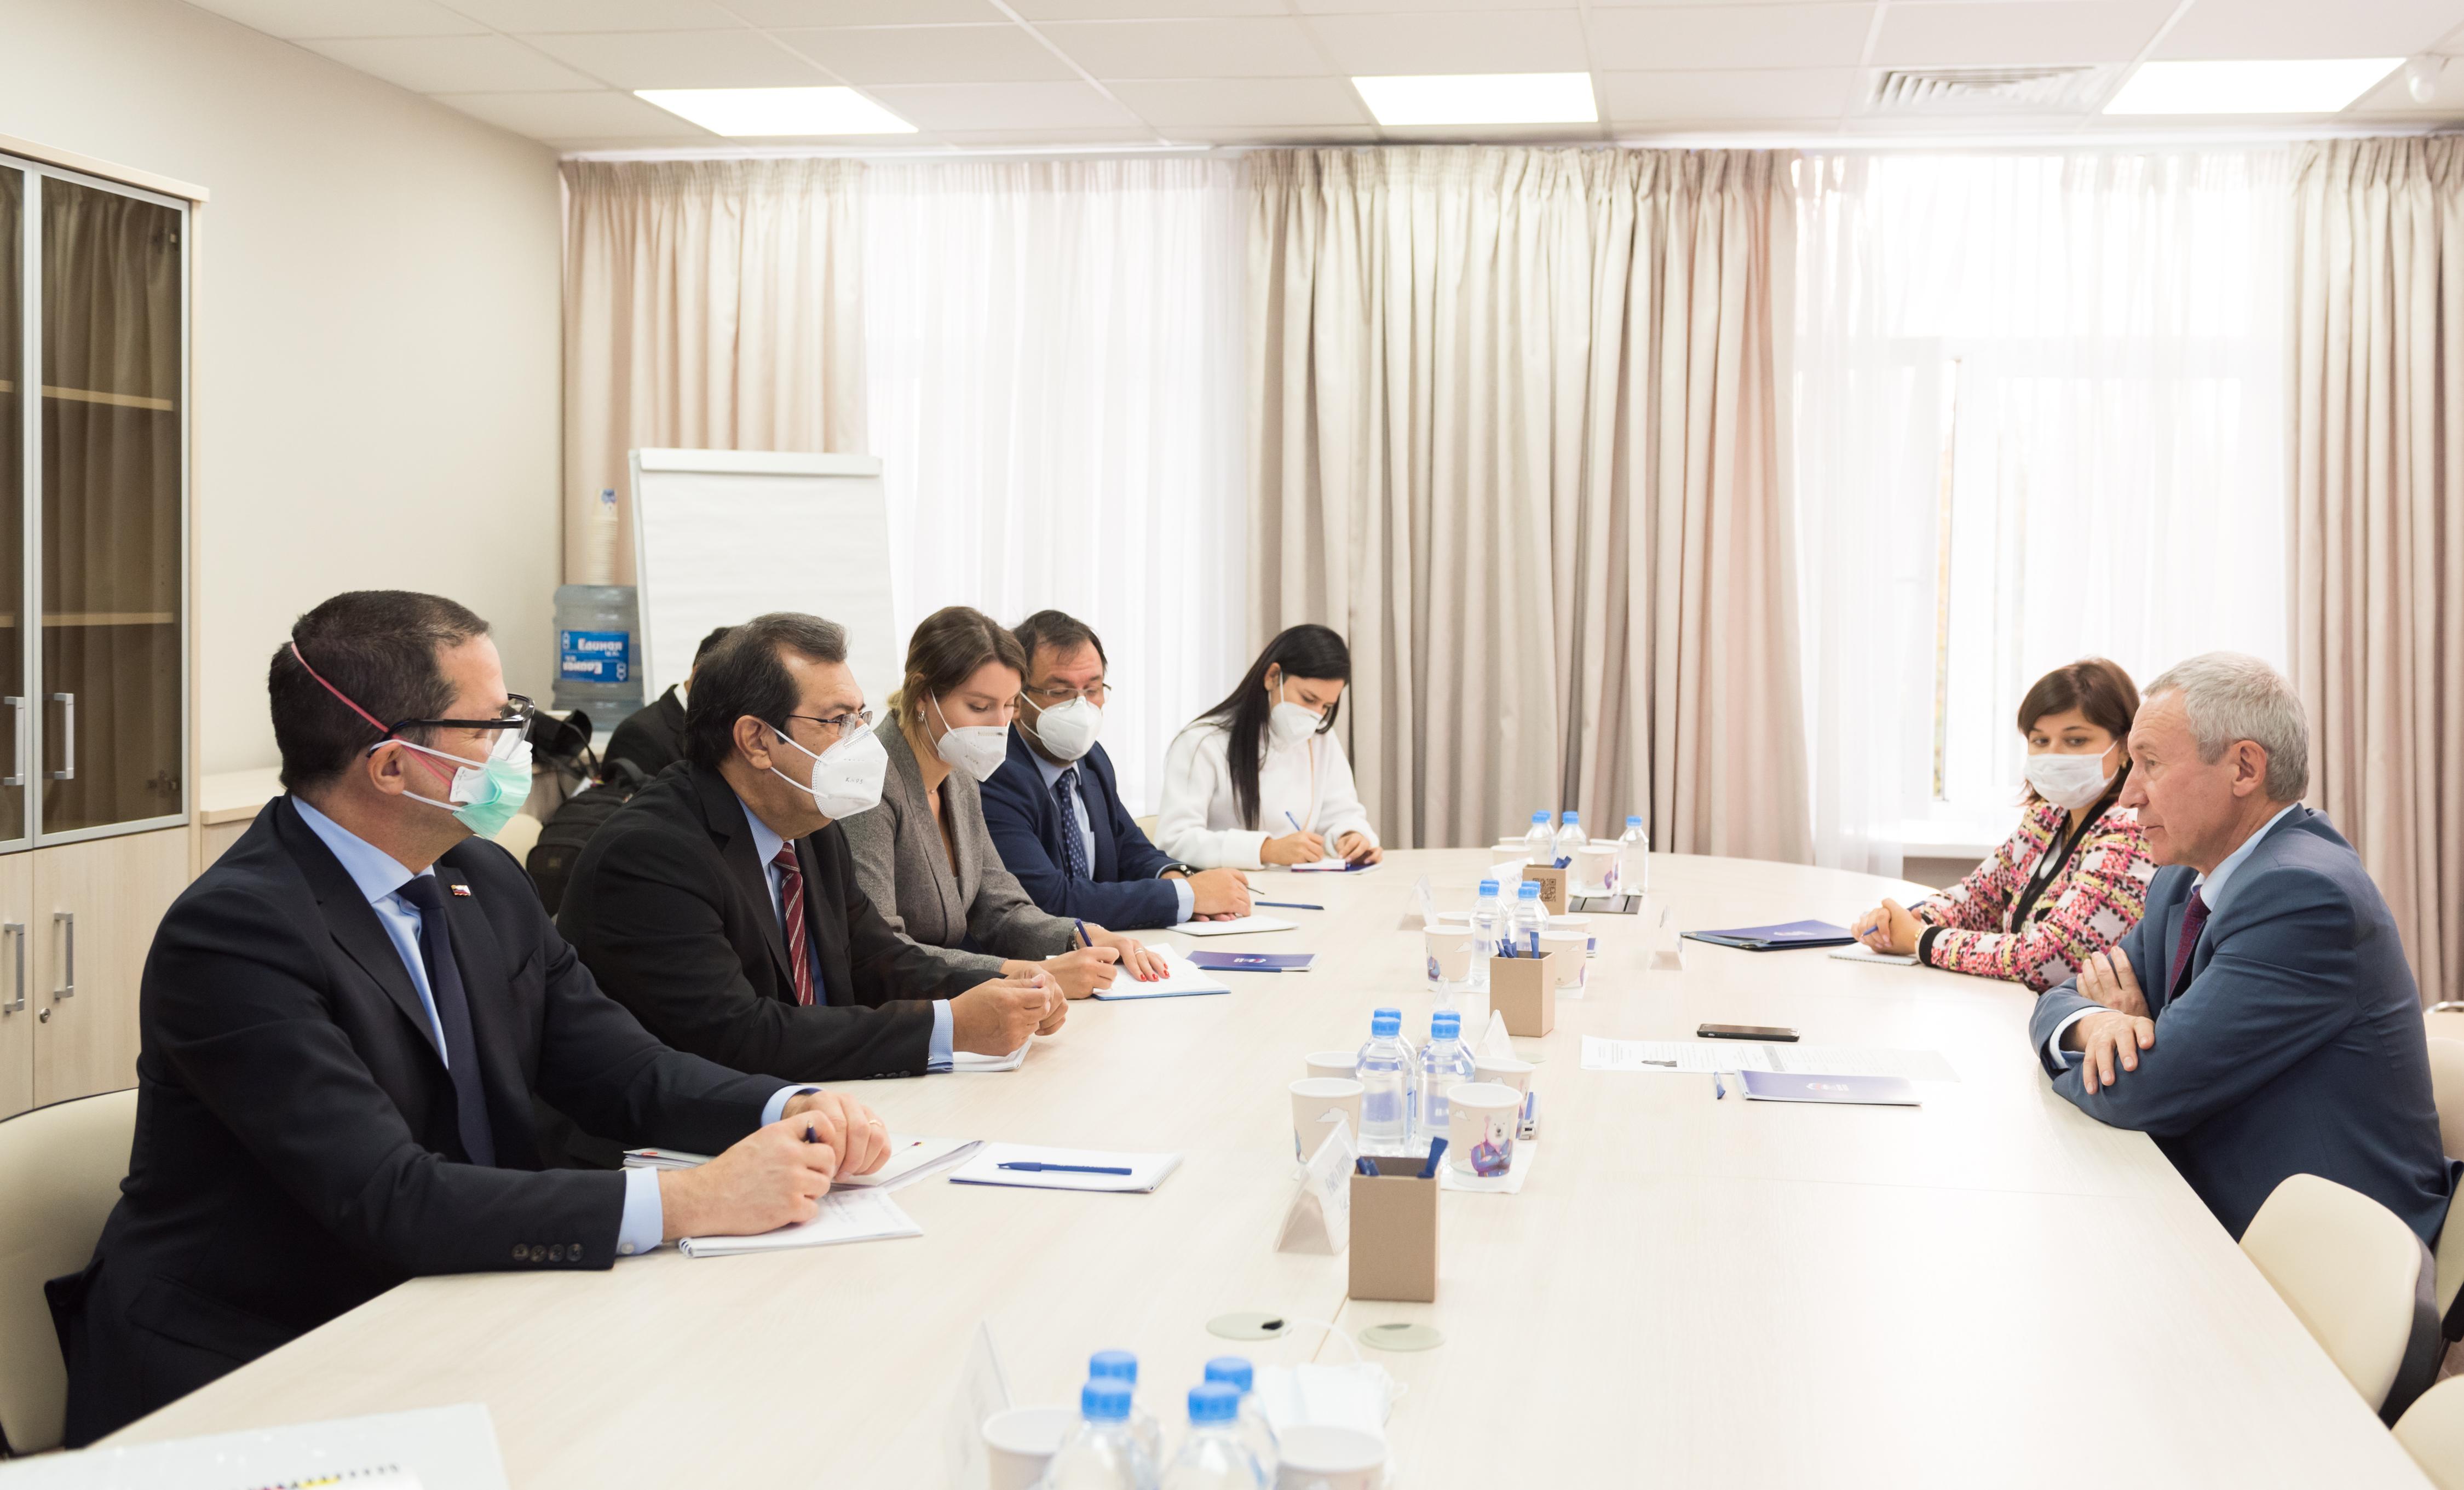 Встреча заместителя секретаря Генсовета партии Андрея Климова с руководством Единой социалистической партии Венесуэлы